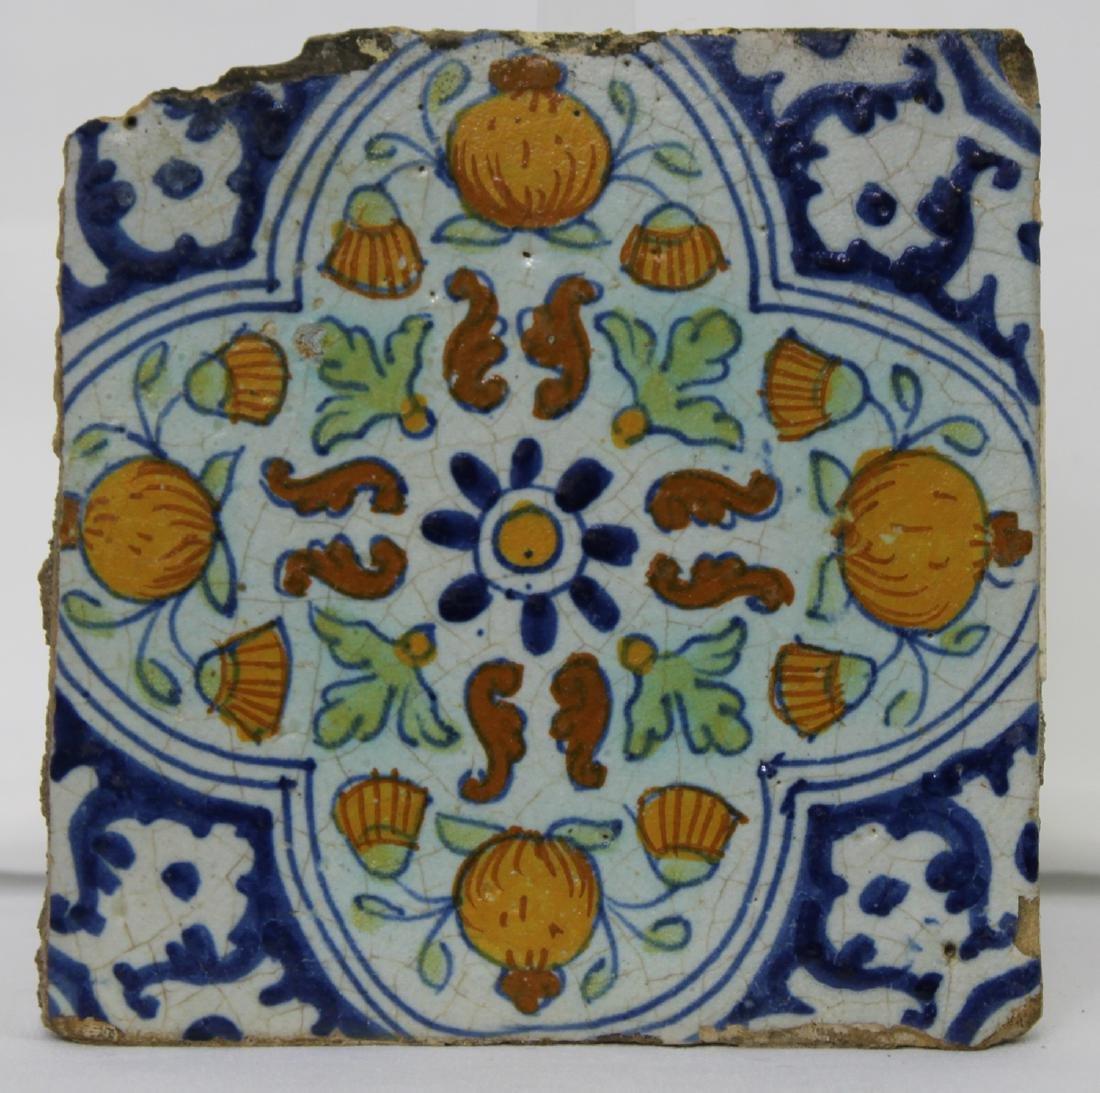 17 Century Dutch Delft Blue Colored Tile - 2